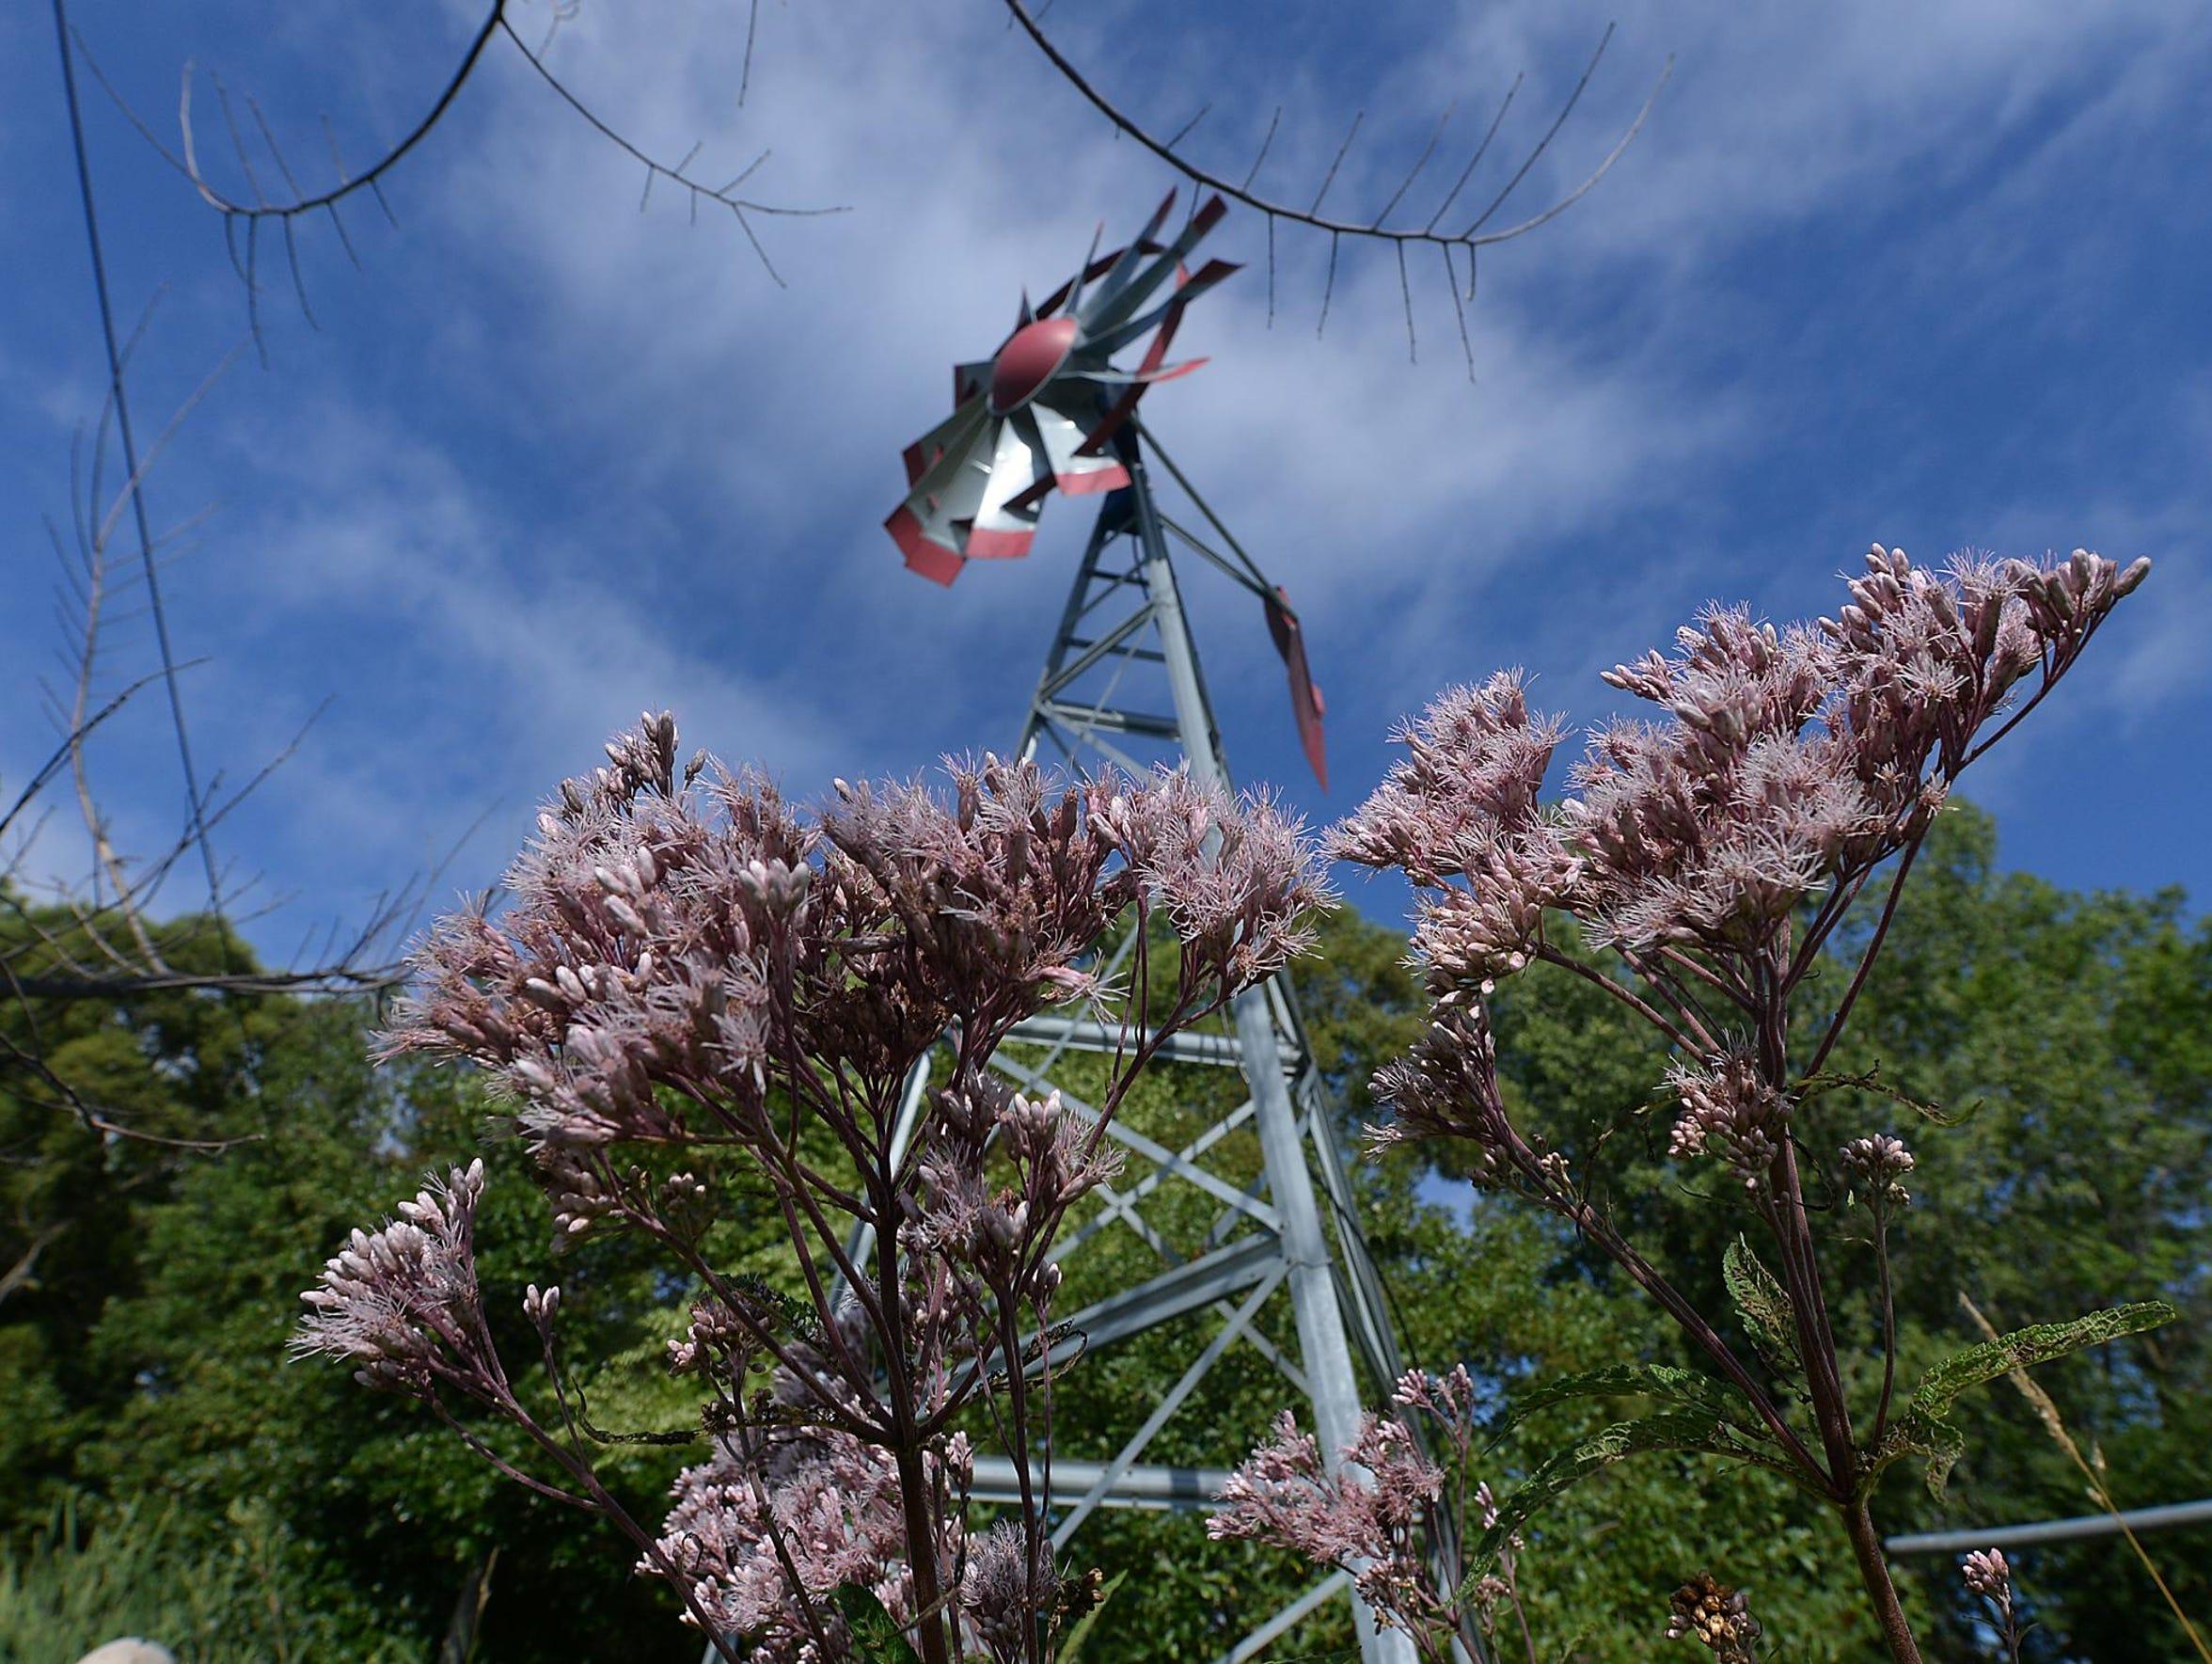 Joe Pye weed flowers under a working windmill near